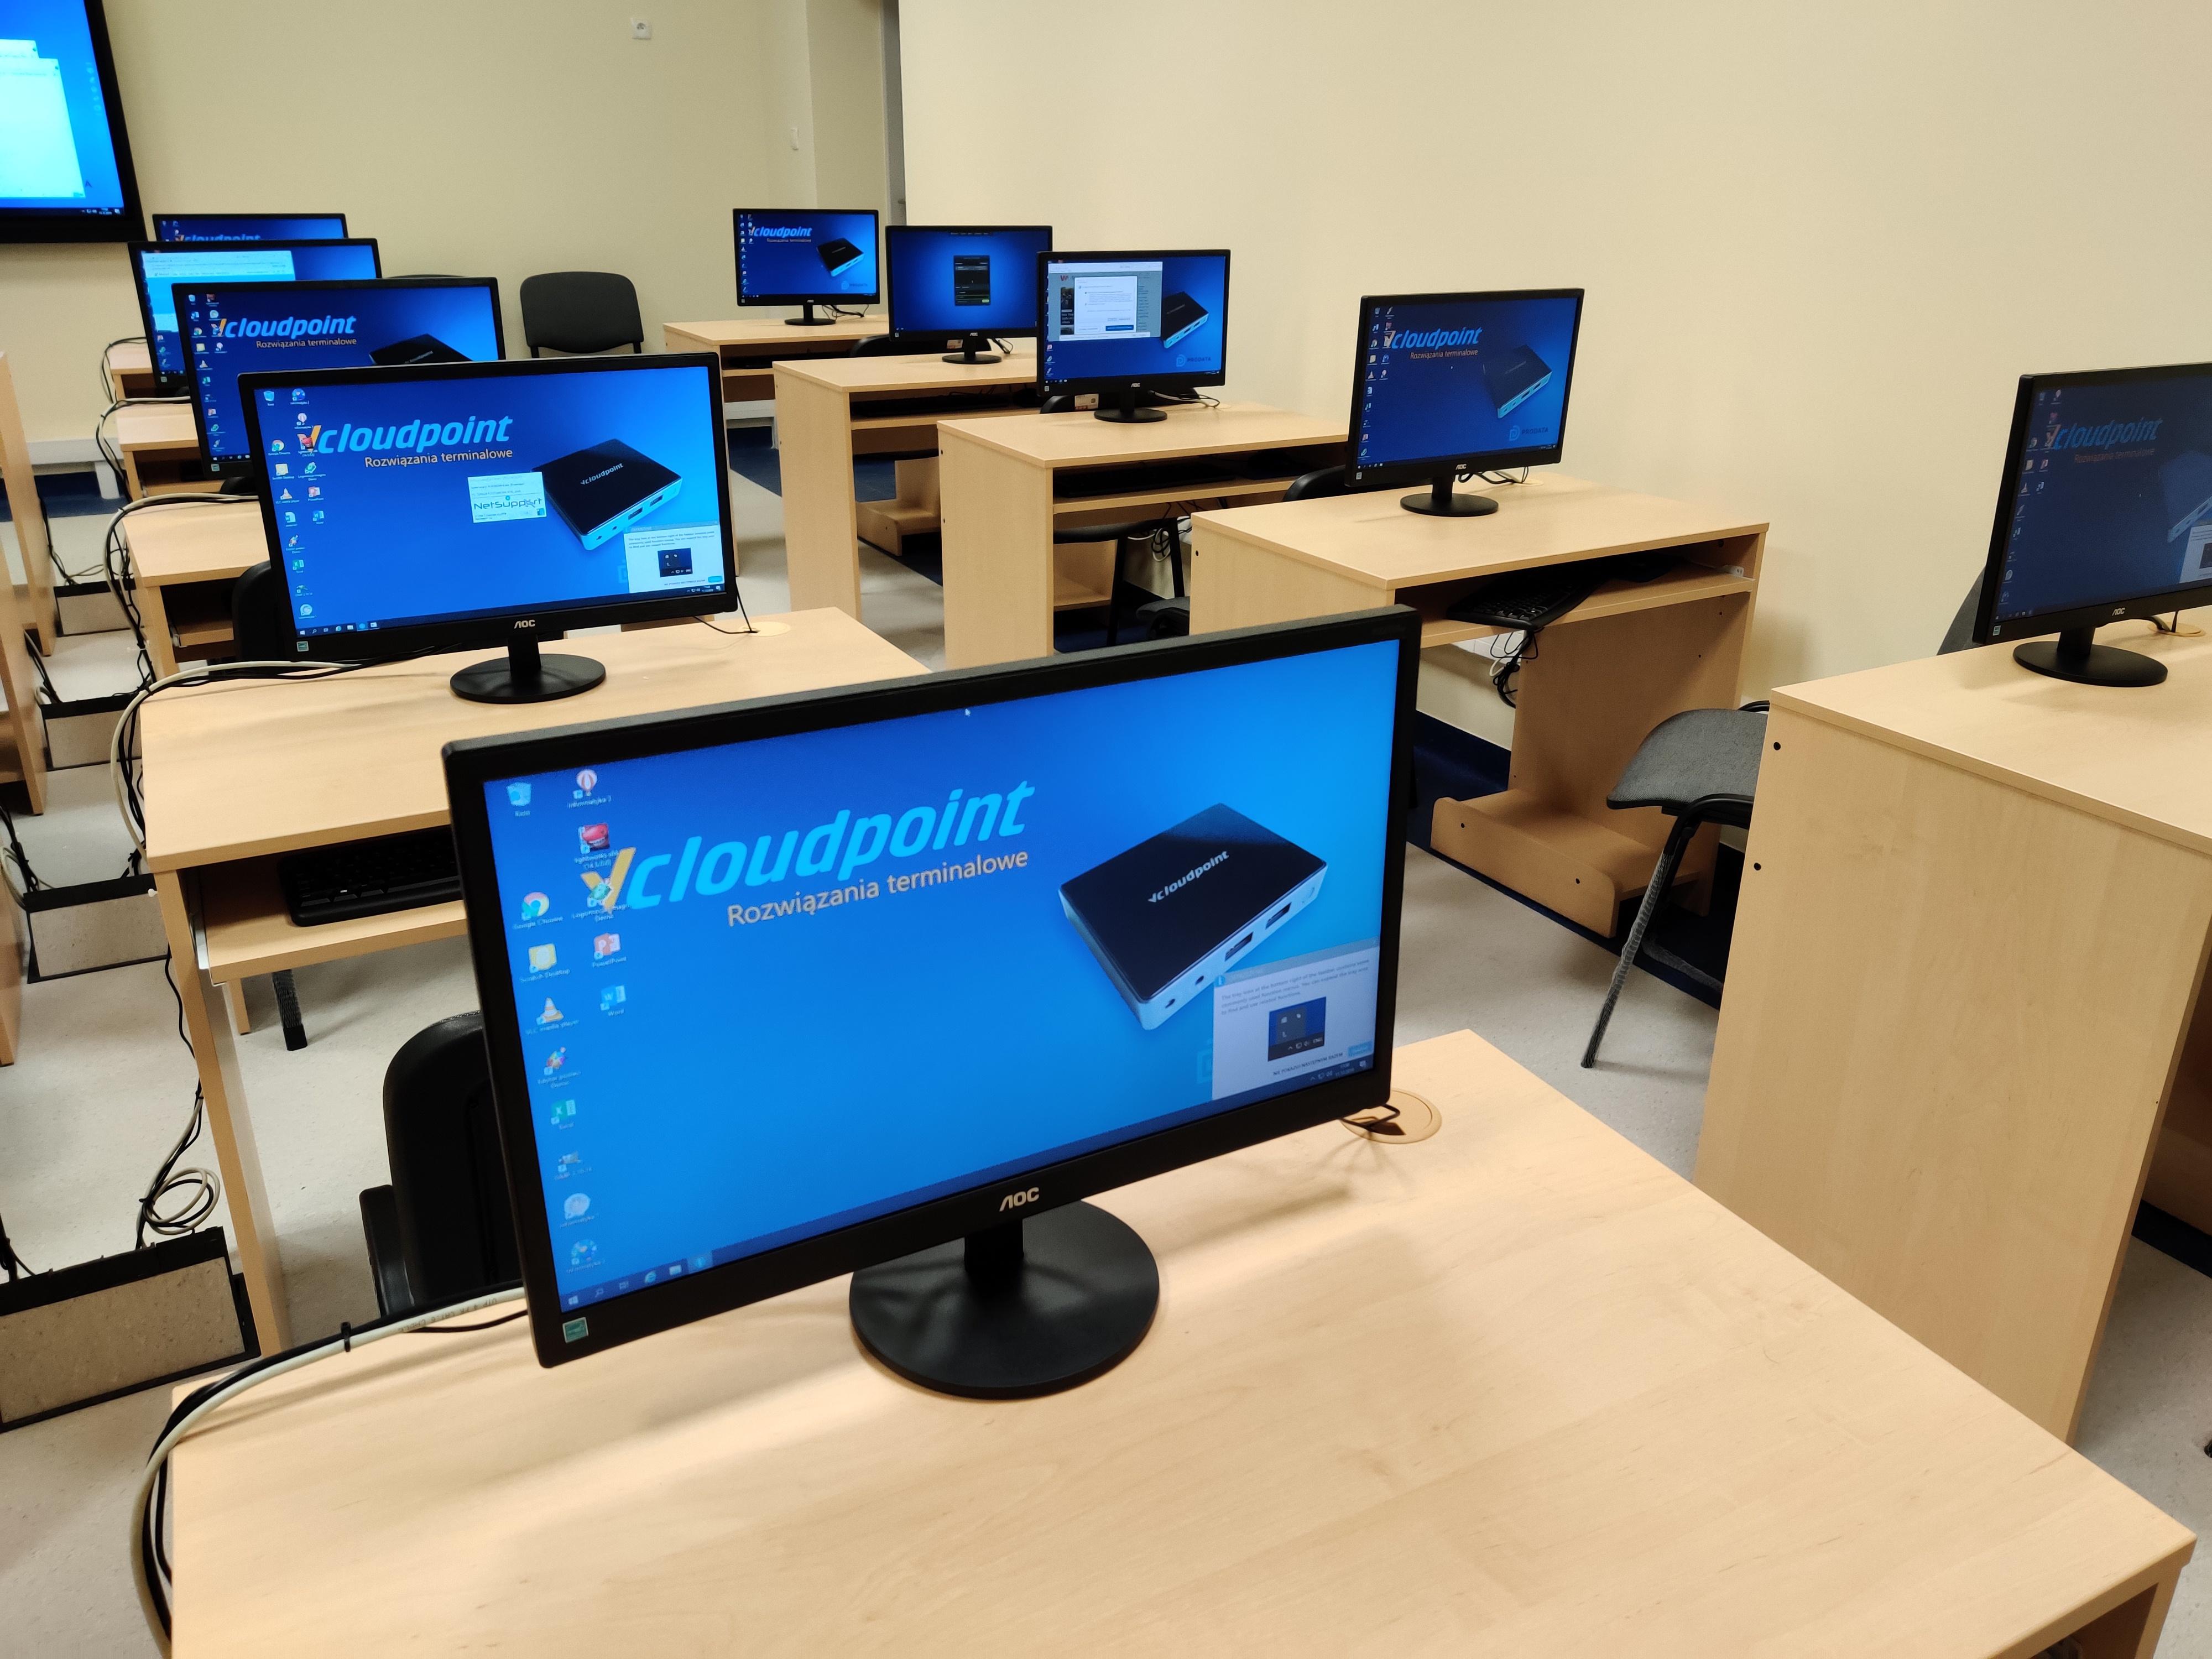 Pracownia informatyczna - szkolna pracownia terminalowa vCloudPoint w szkole podstawowej w Bożej Woli